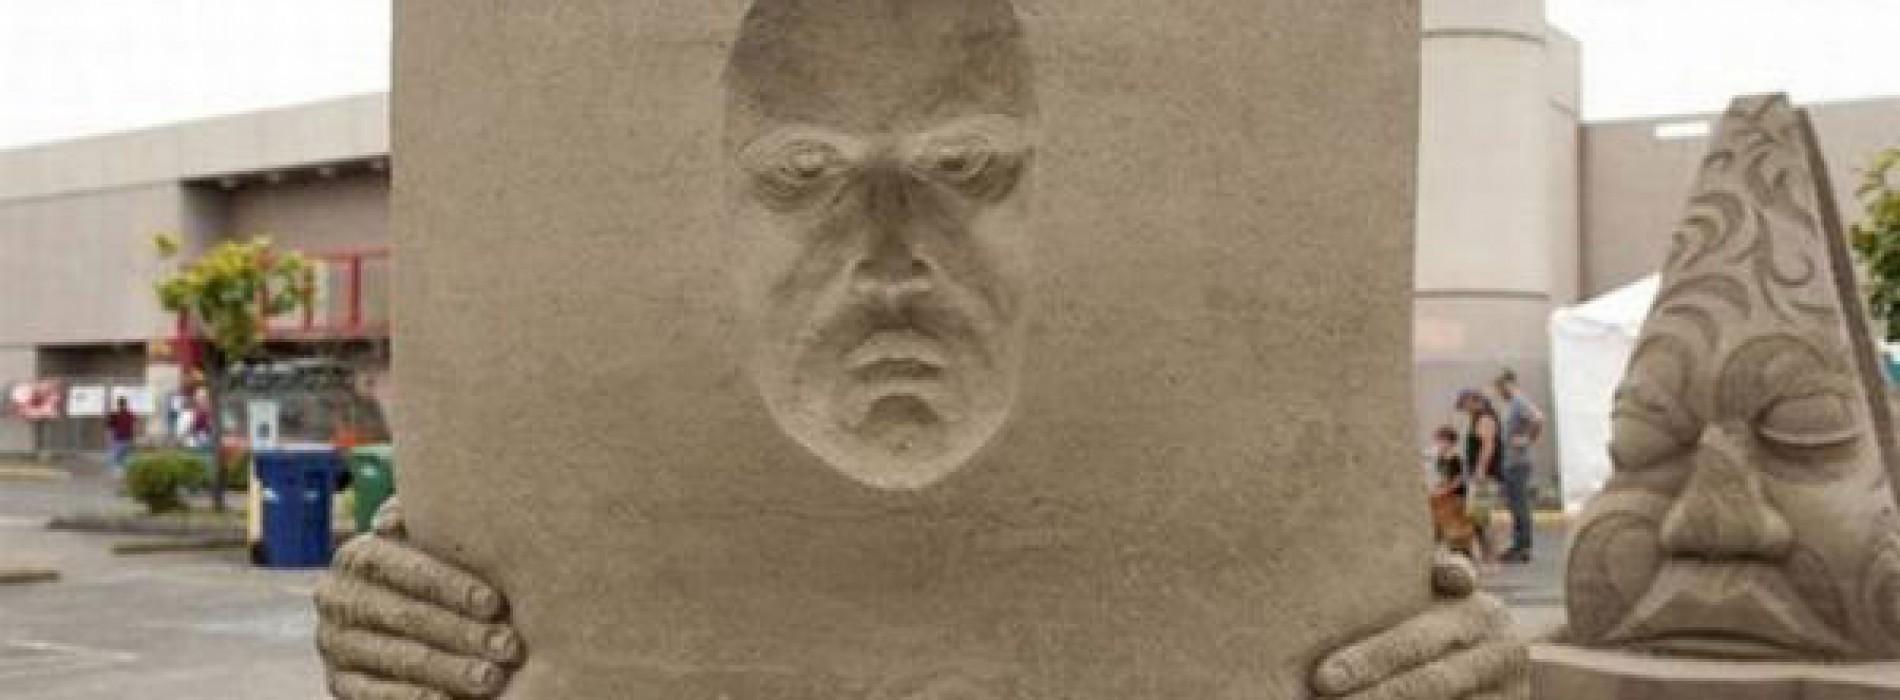 صور | 57 صورة من فن الرسم على الرمل